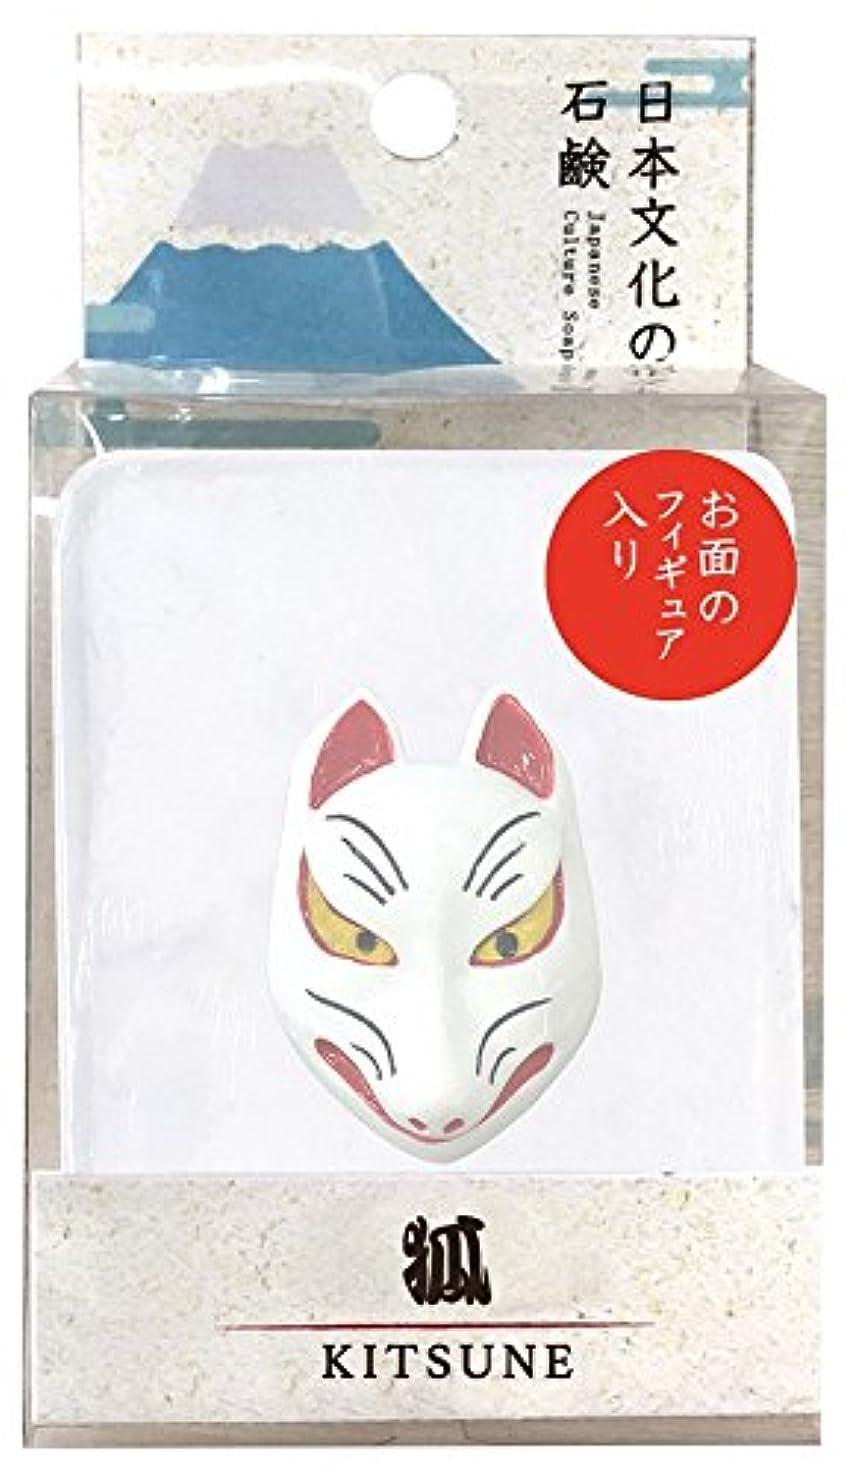 モバイル数ホステルノルコーポレーション 石鹸 日本文化の石鹸 狐 140g フィギュア付き OB-JCP-1-3